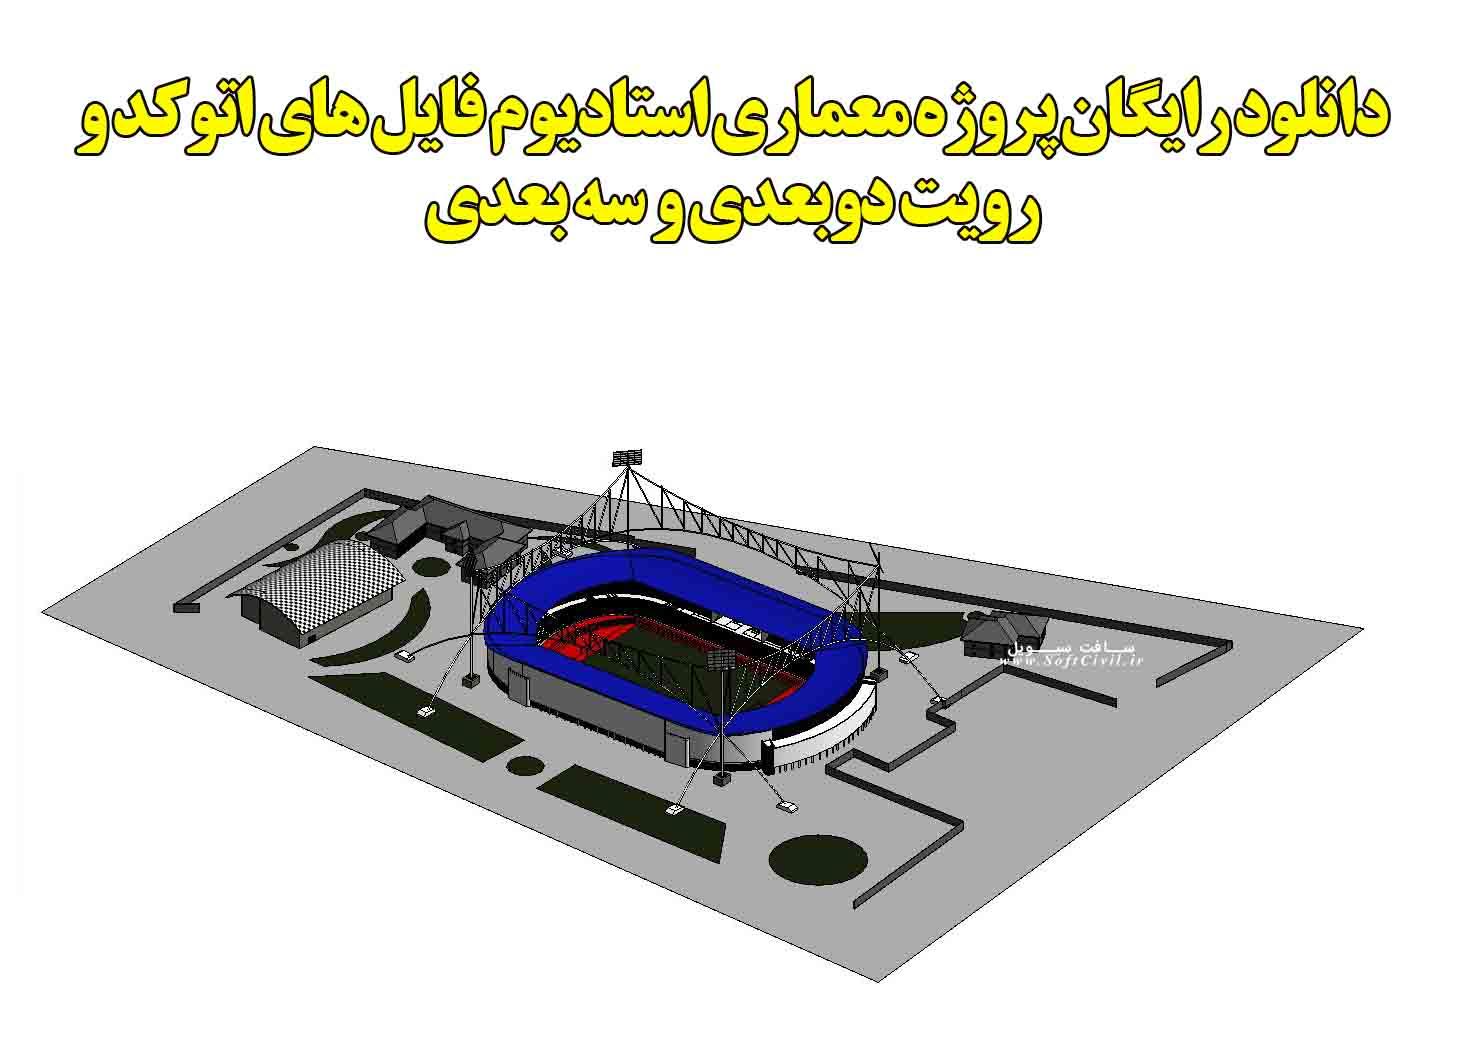 دانلود رایگان پروژه معماری استادیوم فایل های اتوکد و رویت دوبعدی و سه بعدی